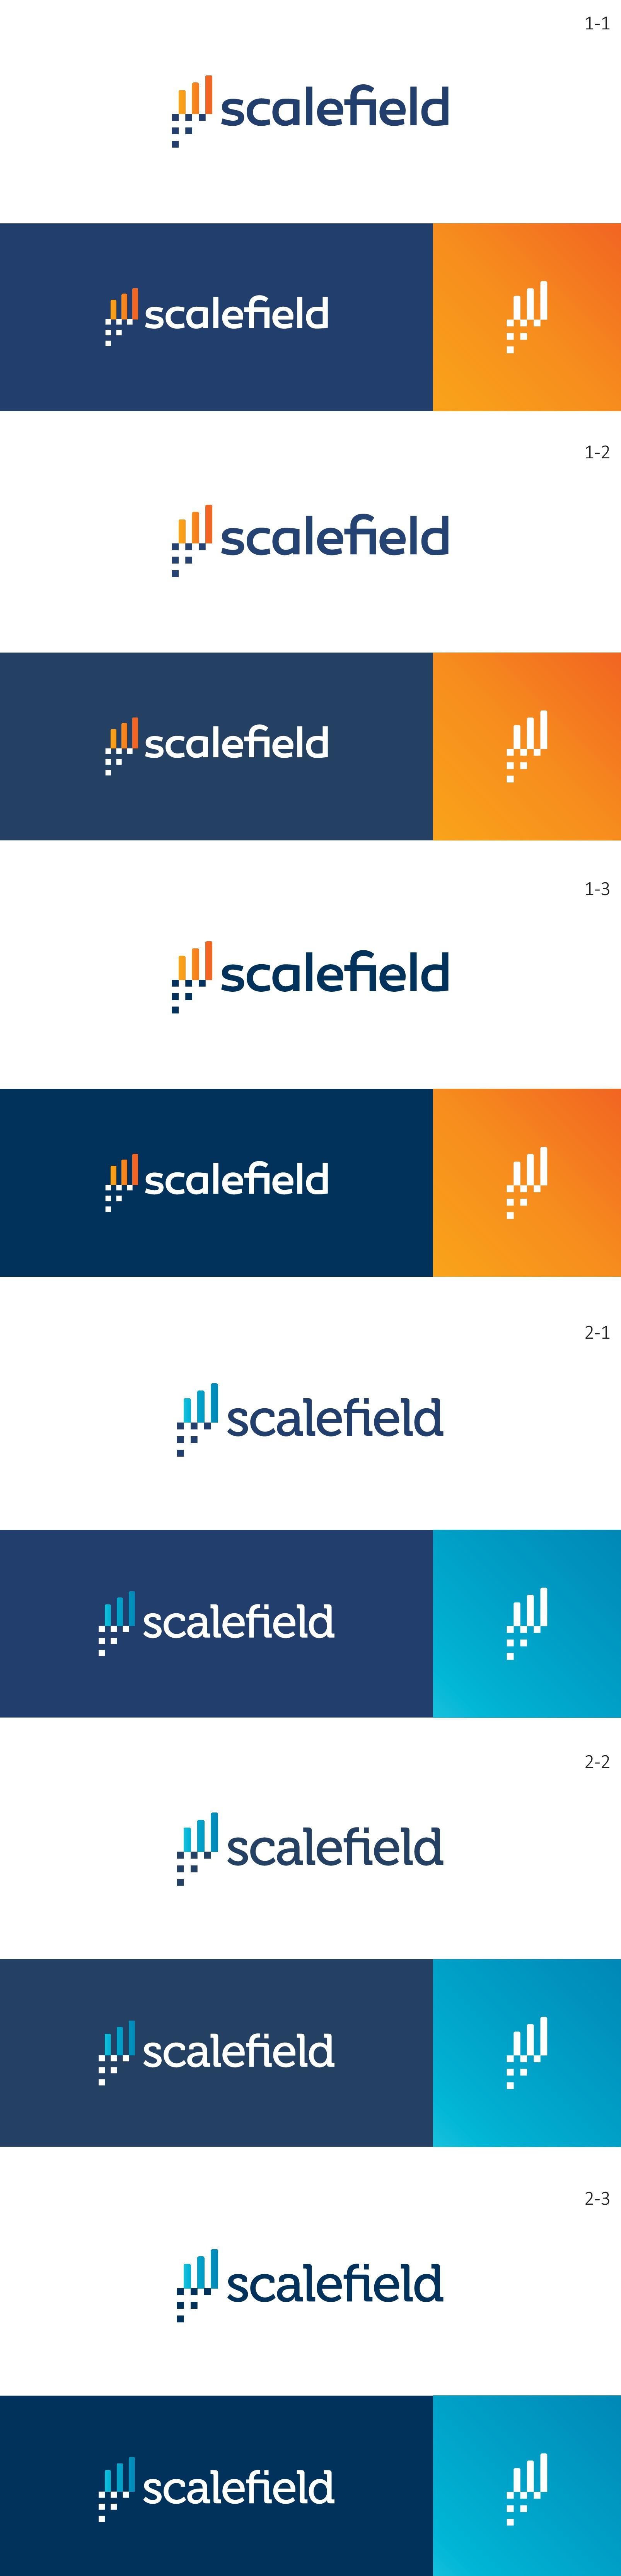 Logo (graphic) design for a High Tech online hosting platform